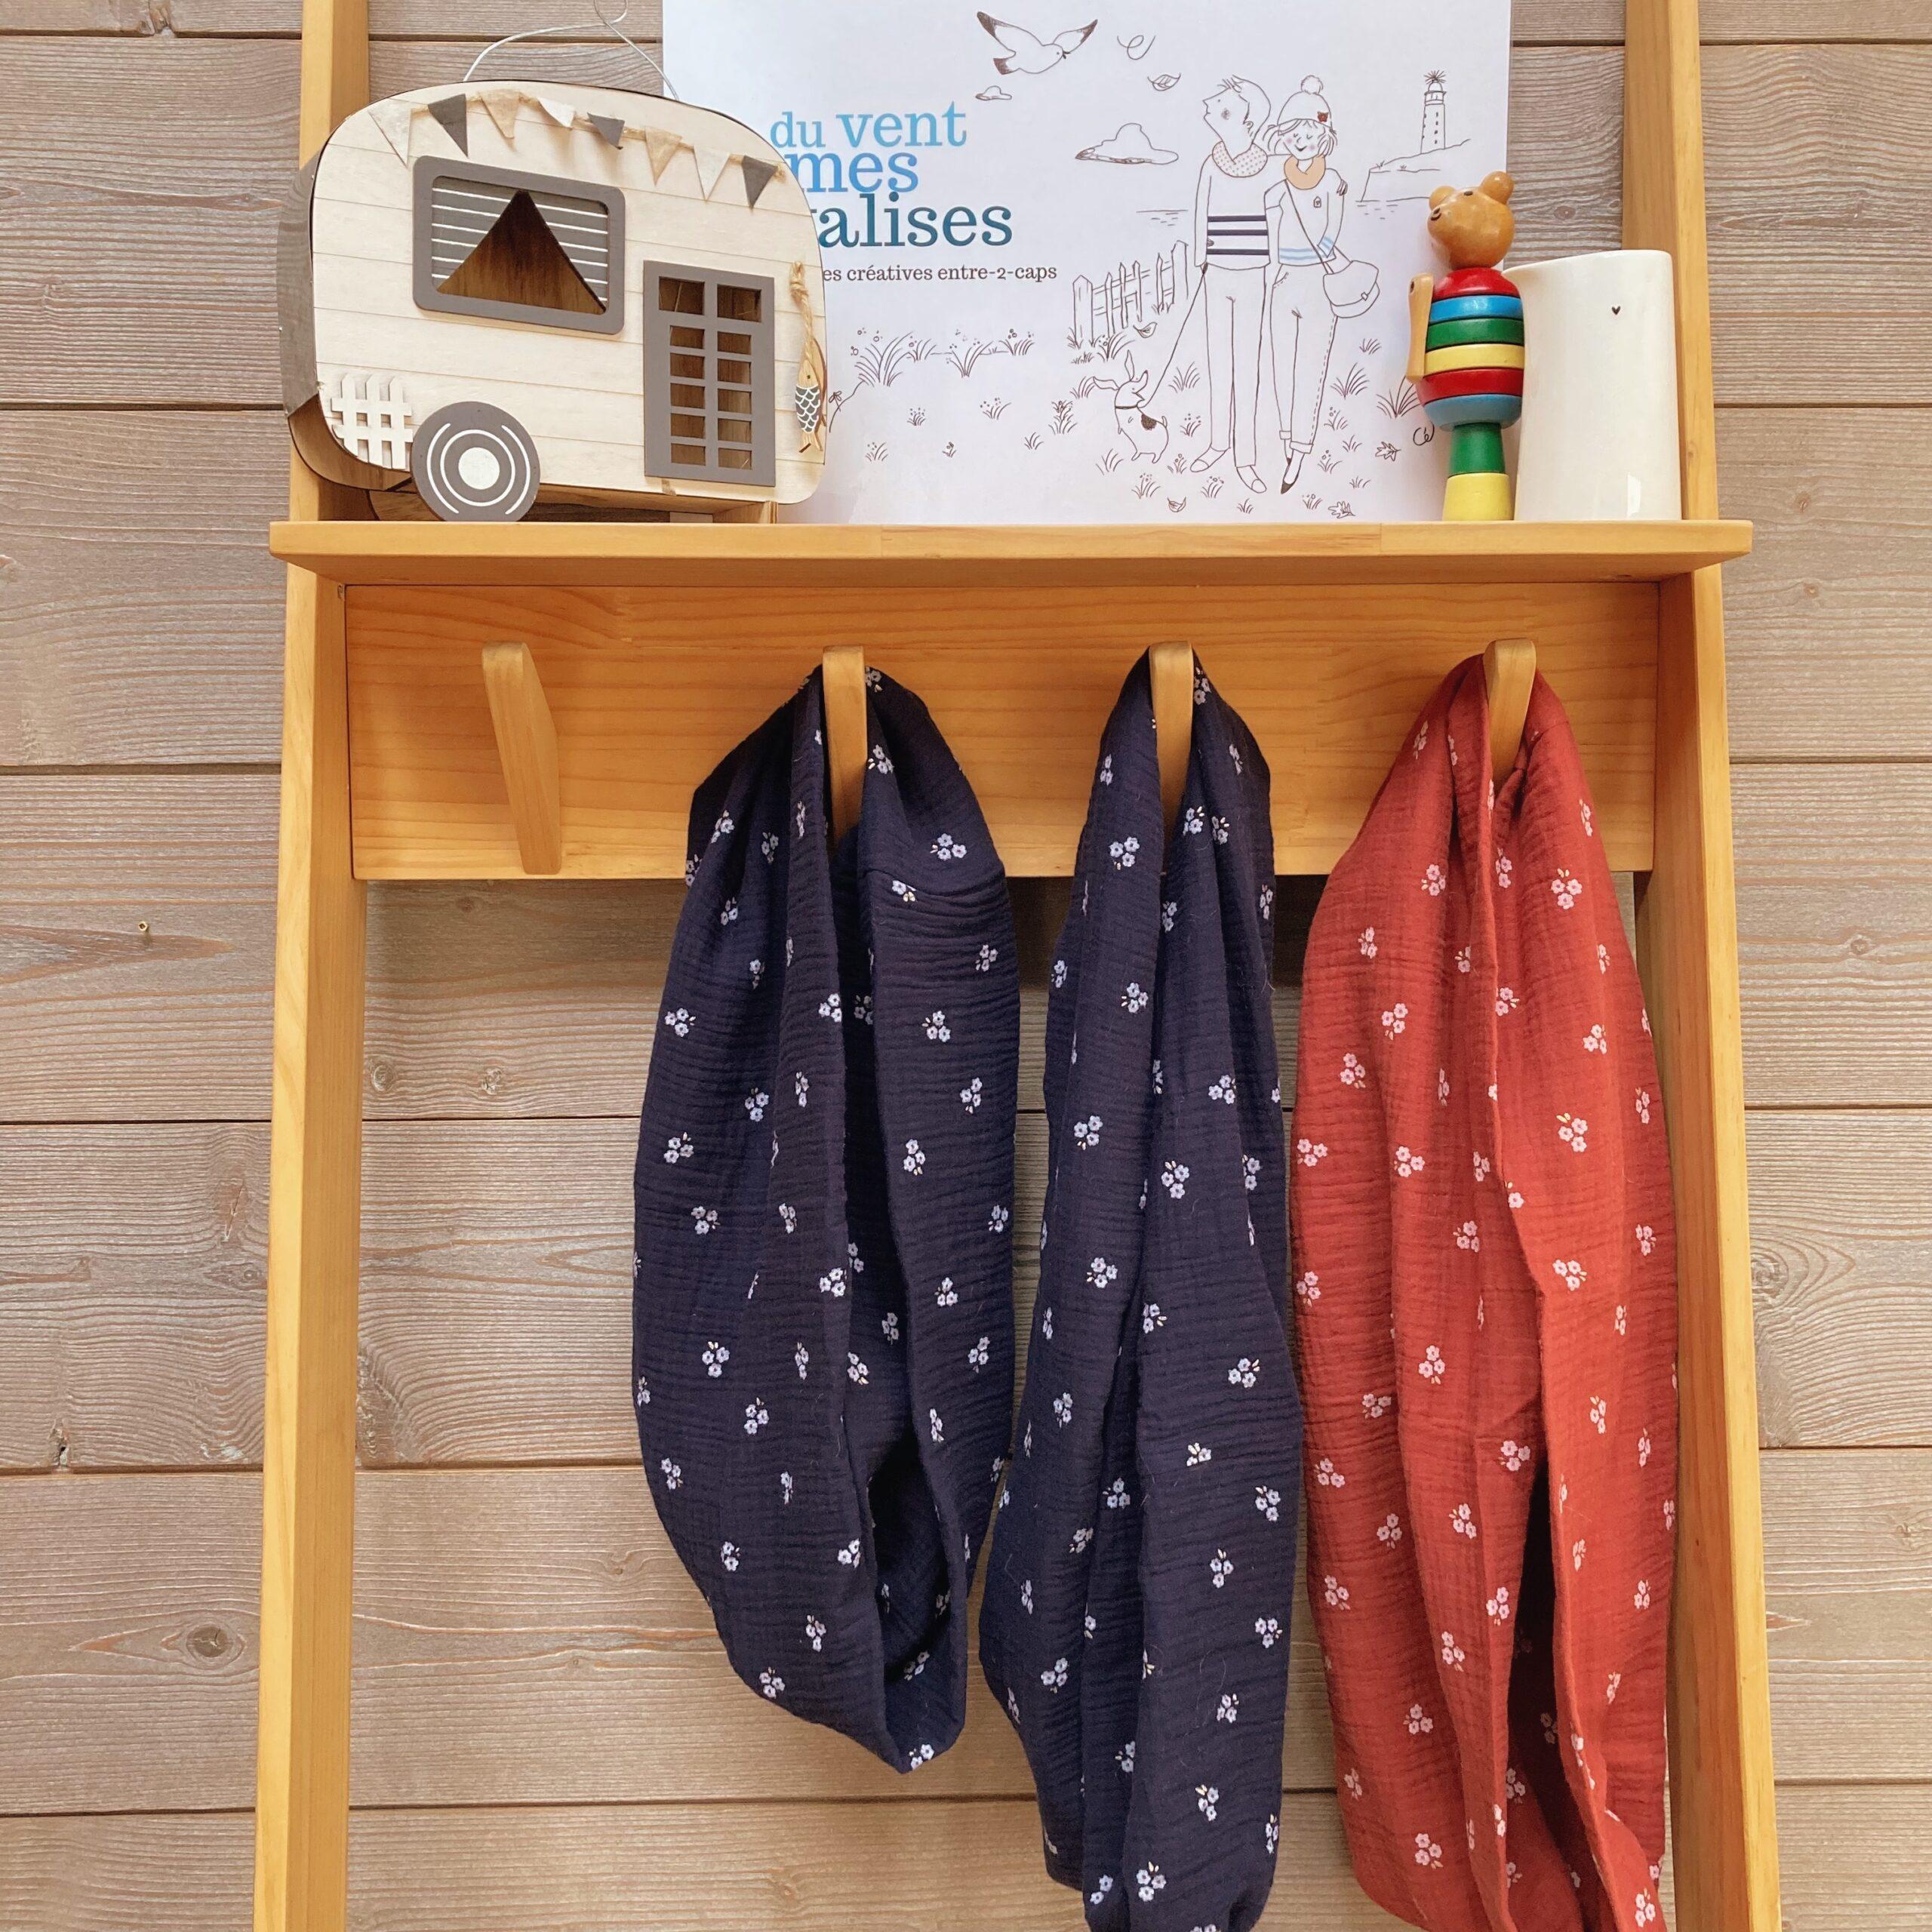 echarpes-snoods-femmes-et-filles-fabriquees-en-France-en-double-gaze-de-coton-collection-fleurs-des-champs-marine-et-brique - du vent dans mes valises